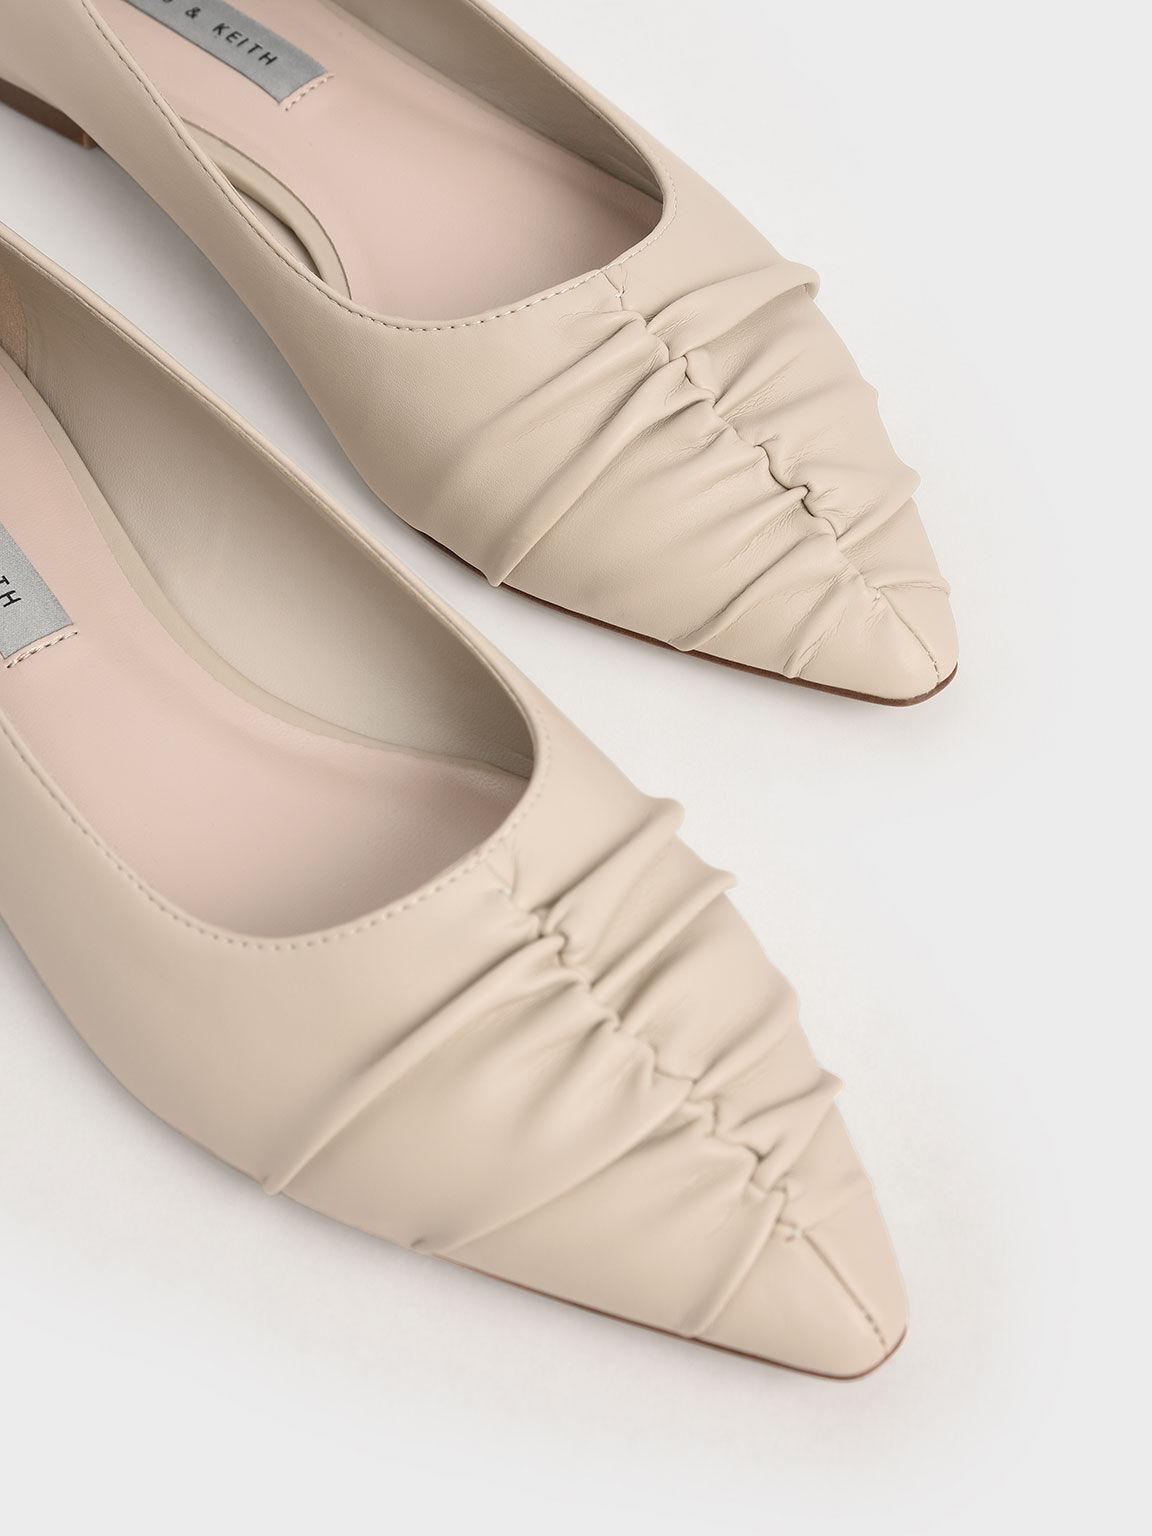 Ruched Ballet Pumps, Taupe, hi-res